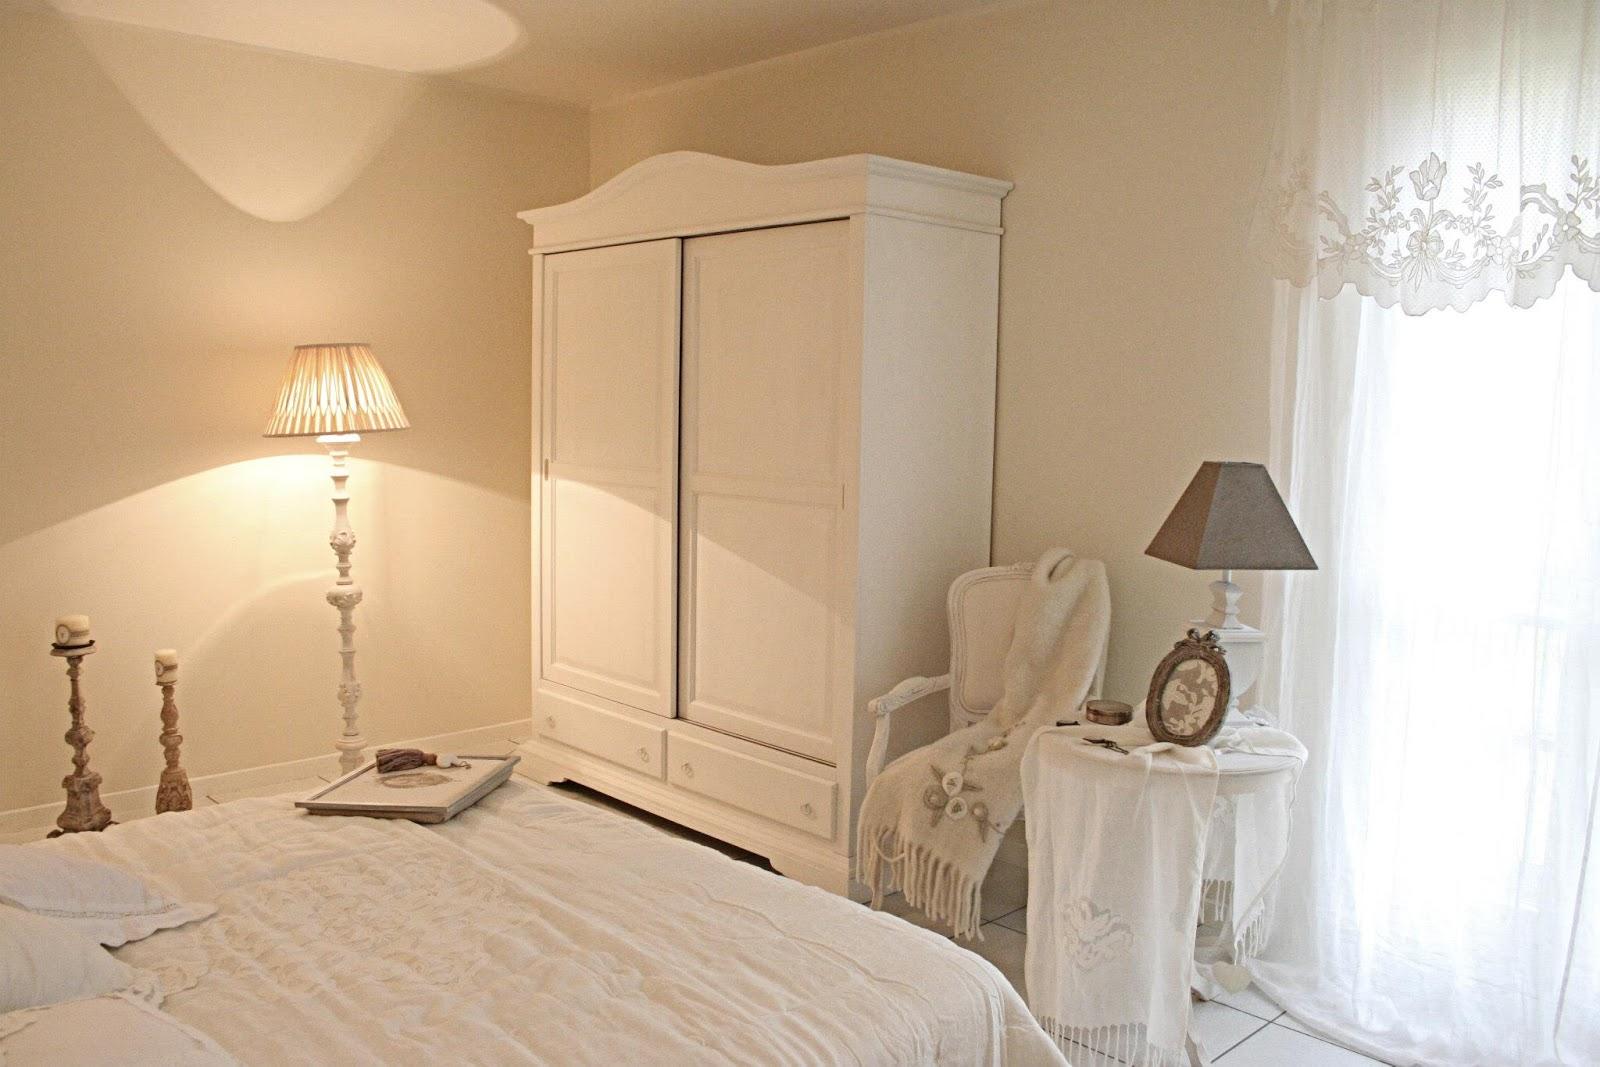 Una stanza da sogno - Specchio con cornice in gesso ...